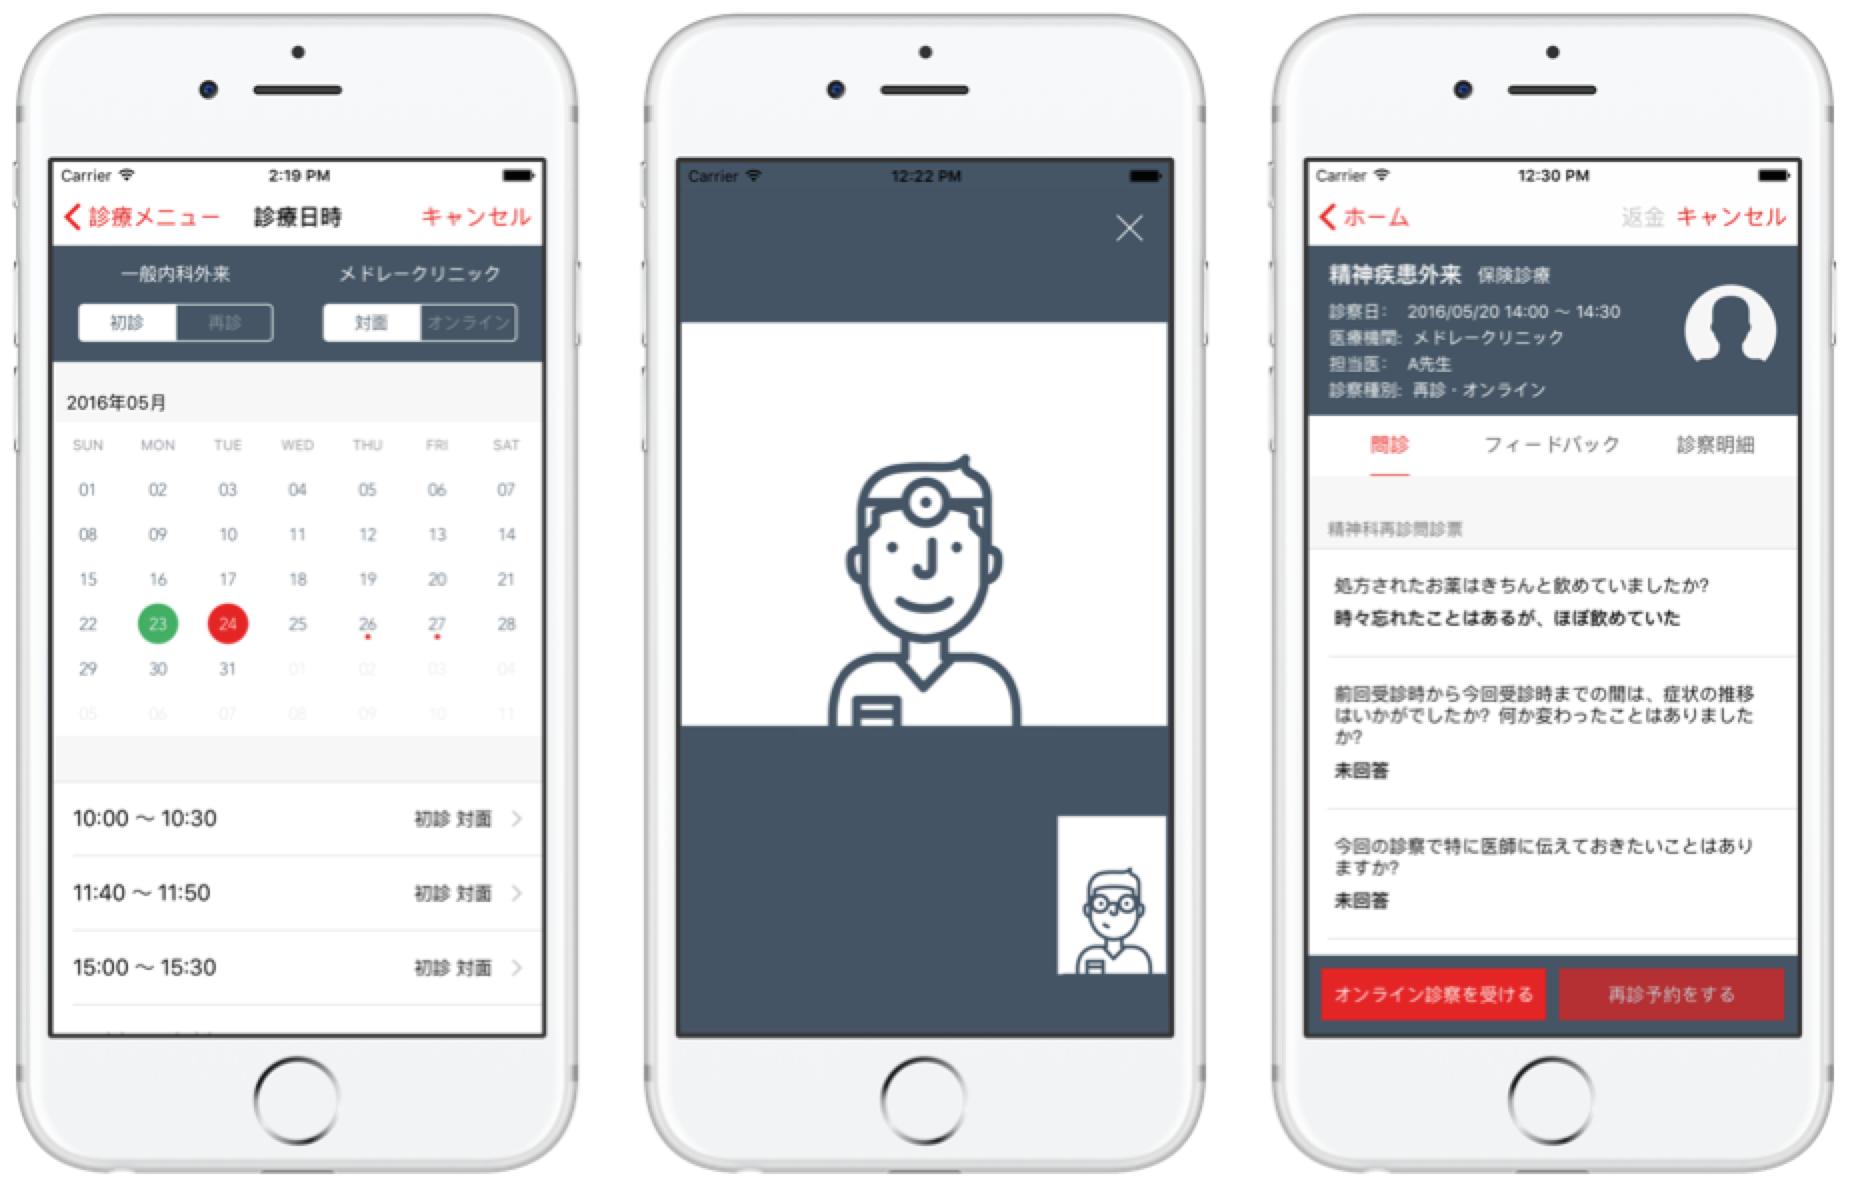 CLINICSアプリ